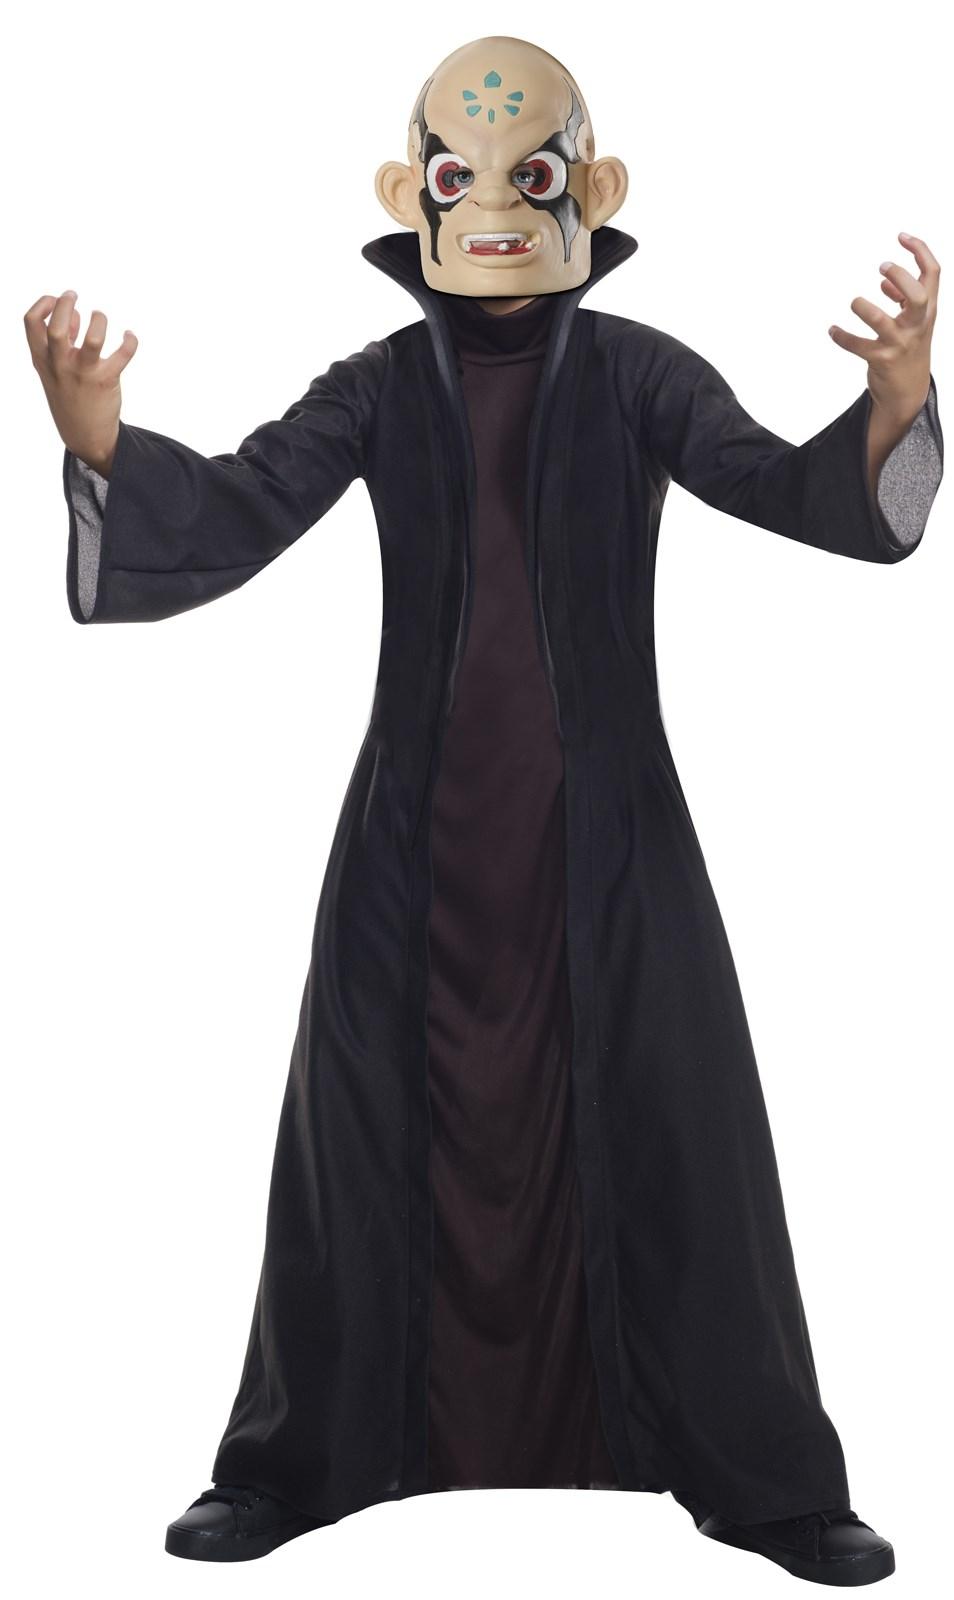 Skylanders Trap Team: Kids Kaos Costume